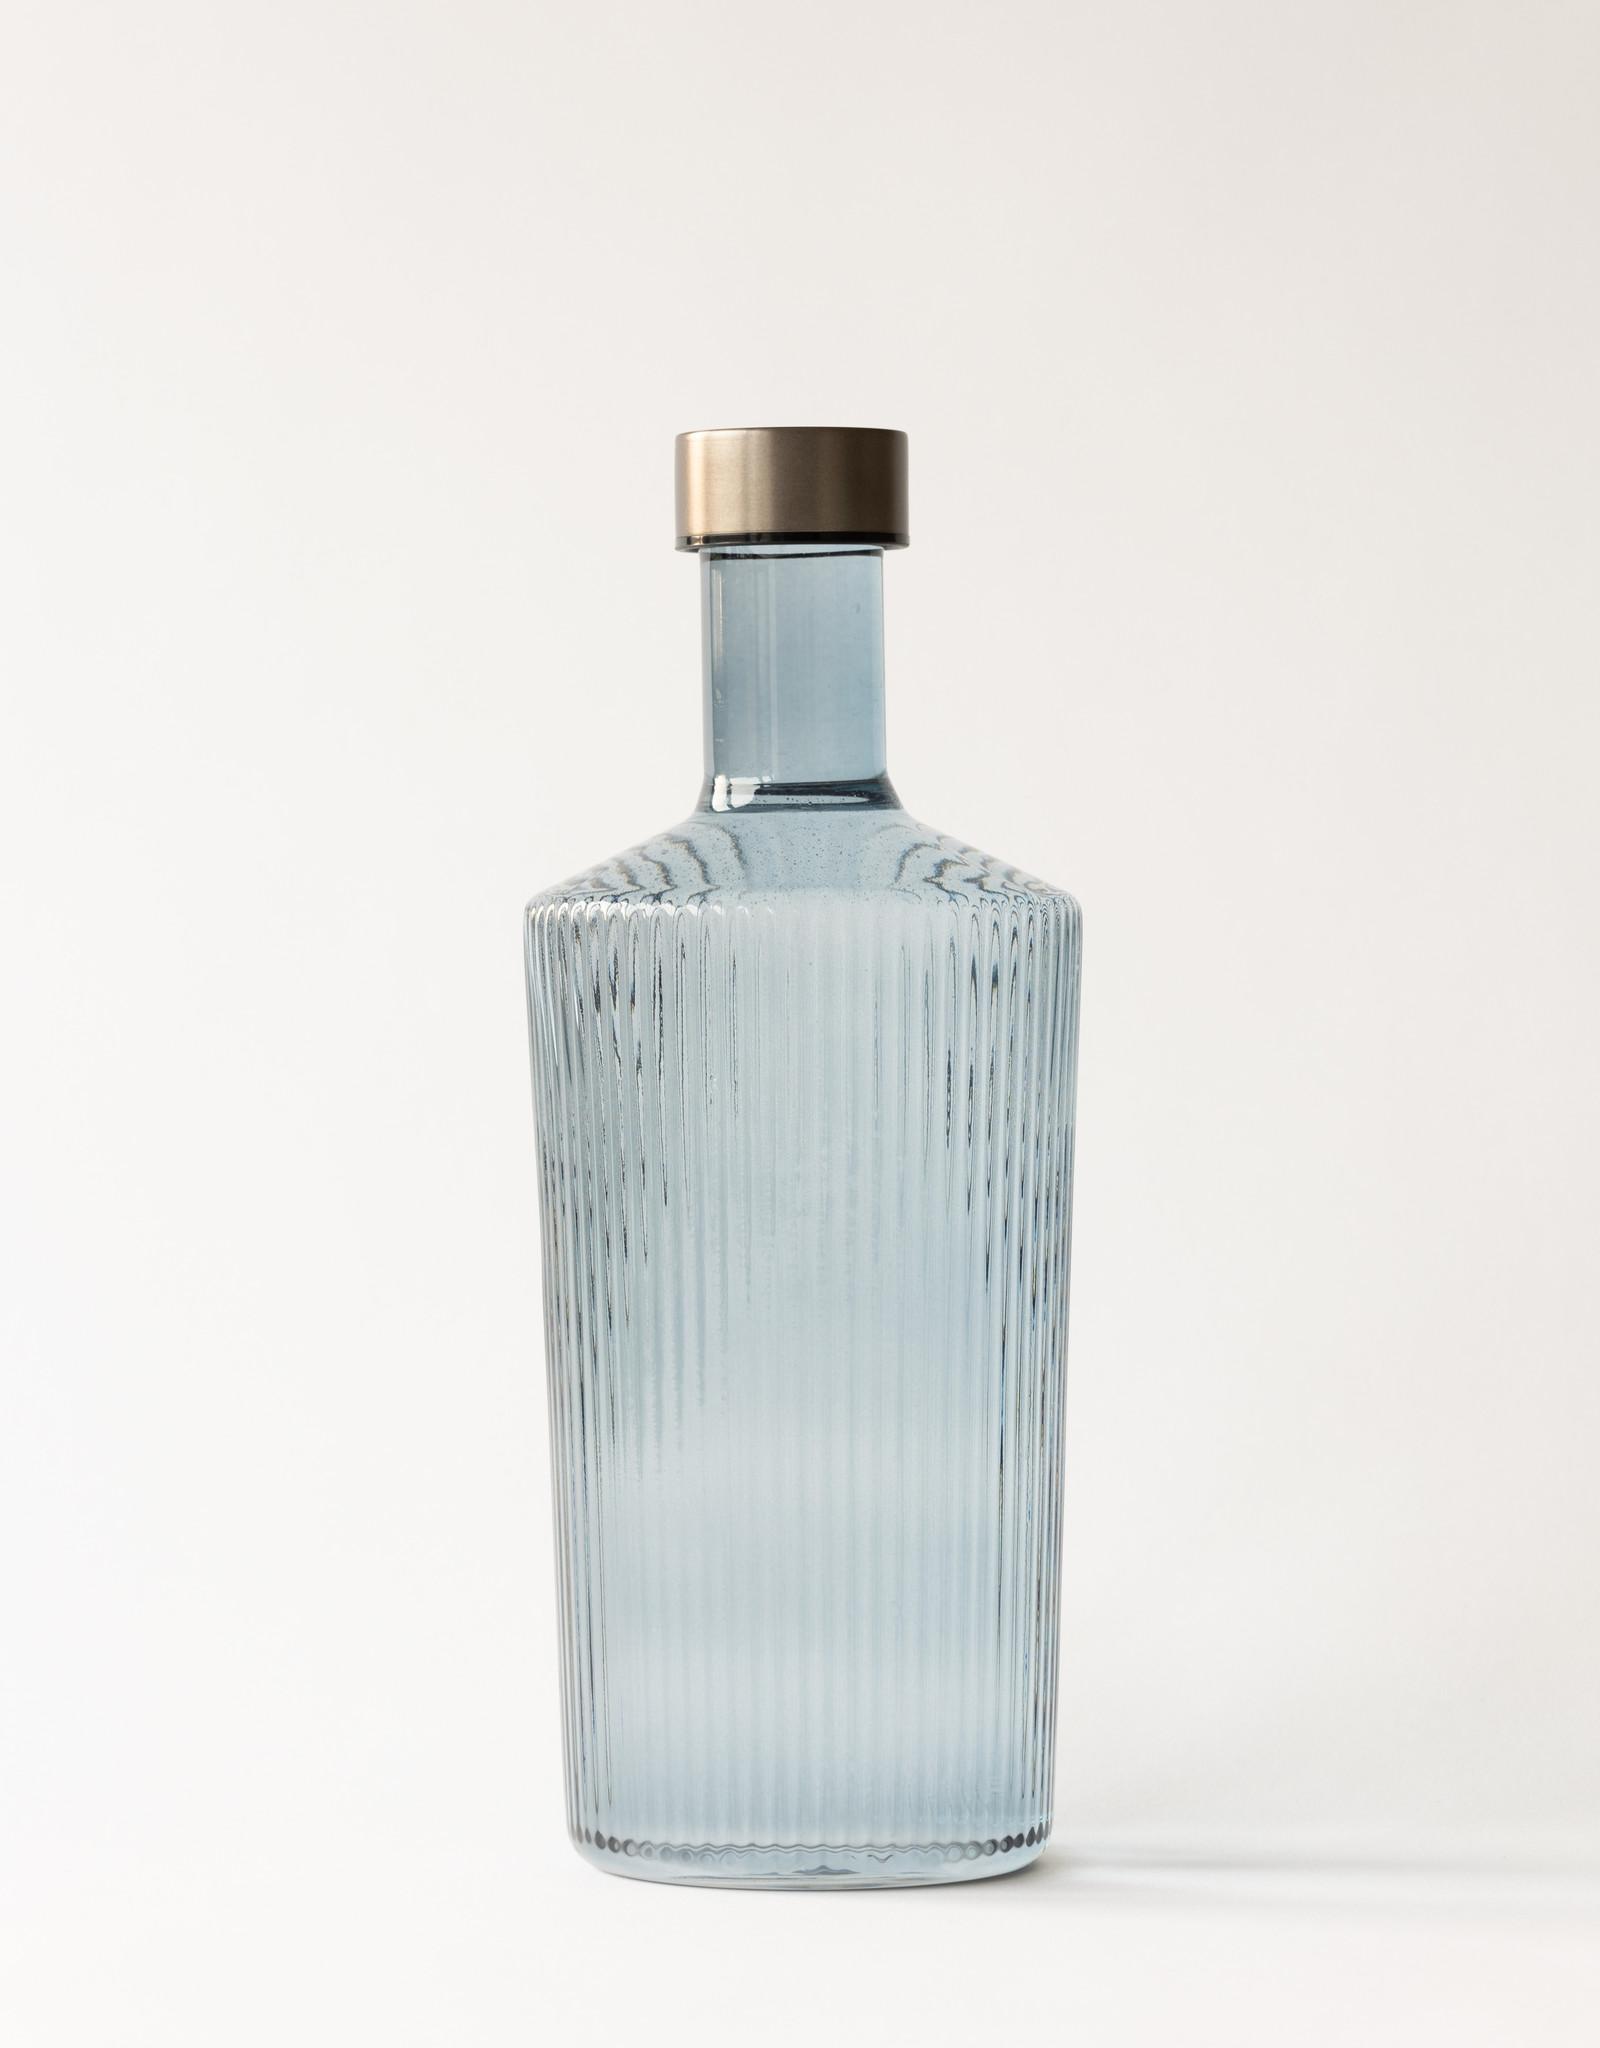 PAVEAU TWILIGHT BOTTLE - BLUE